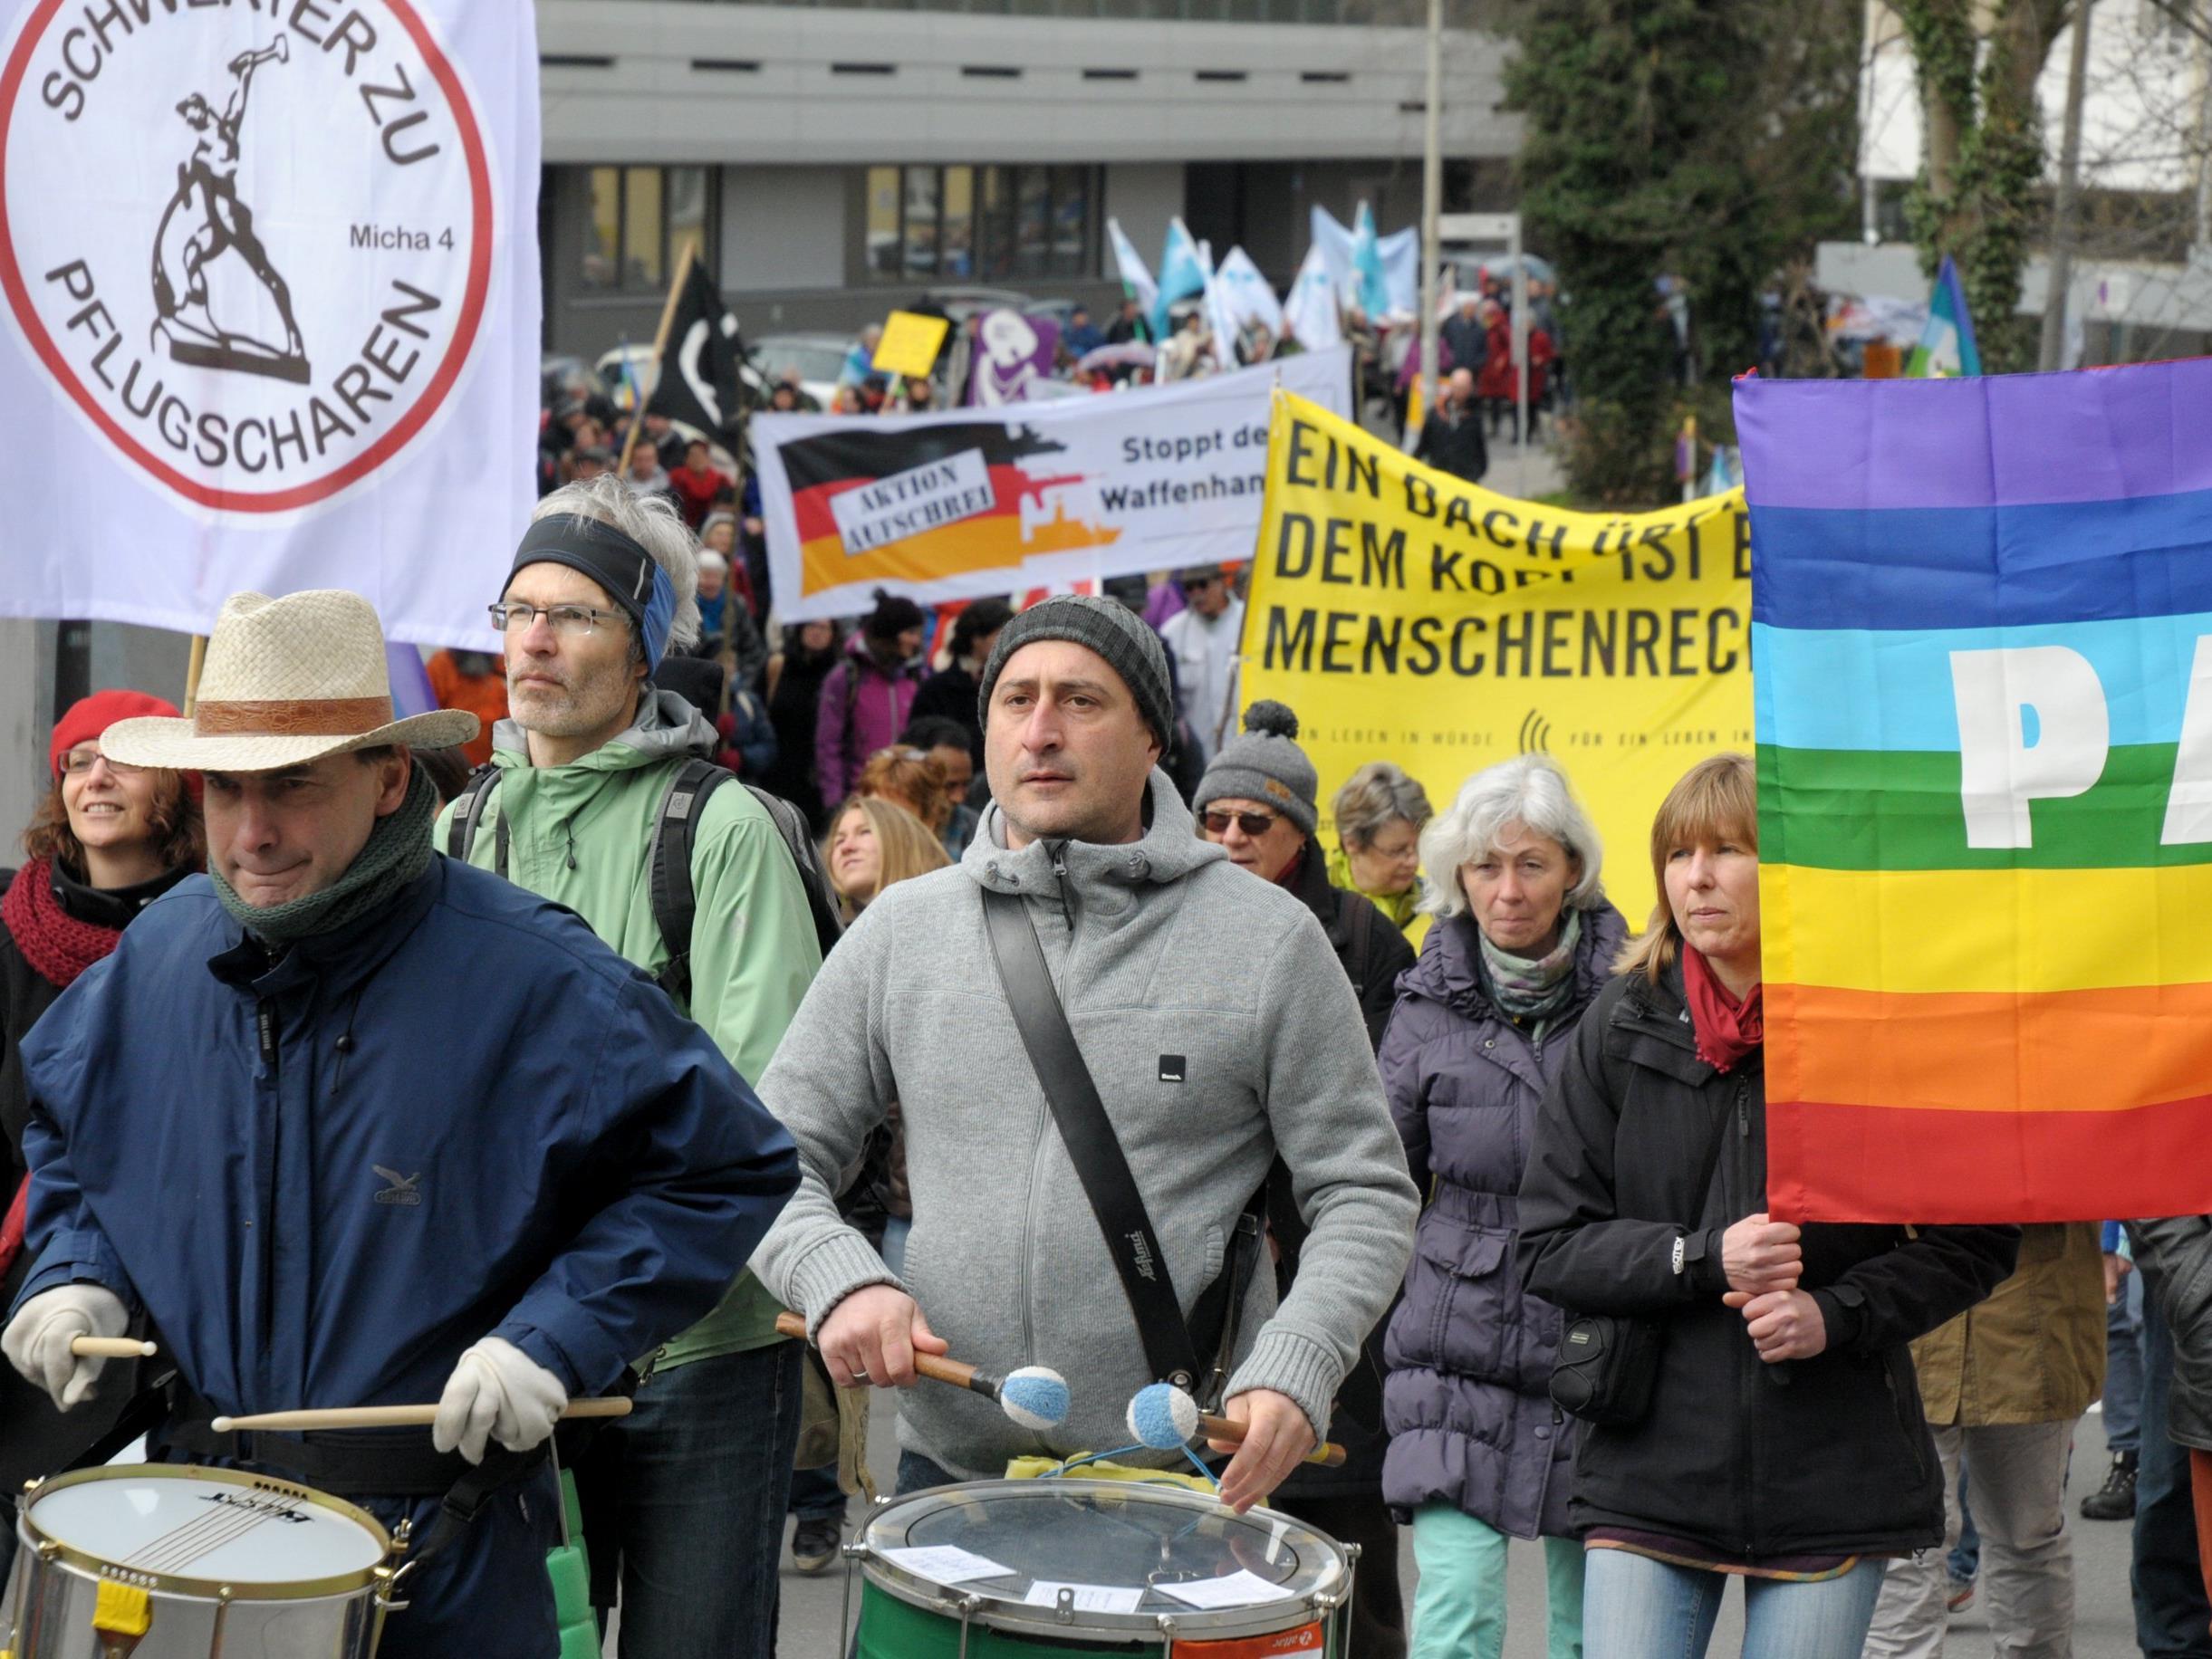 Die Zivilgesellschaft ist herausgefordert, ein starkes Zeichen für Frieden, Gerechtigkeit und ein offenes, gewaltfreies Europa zu setzen.